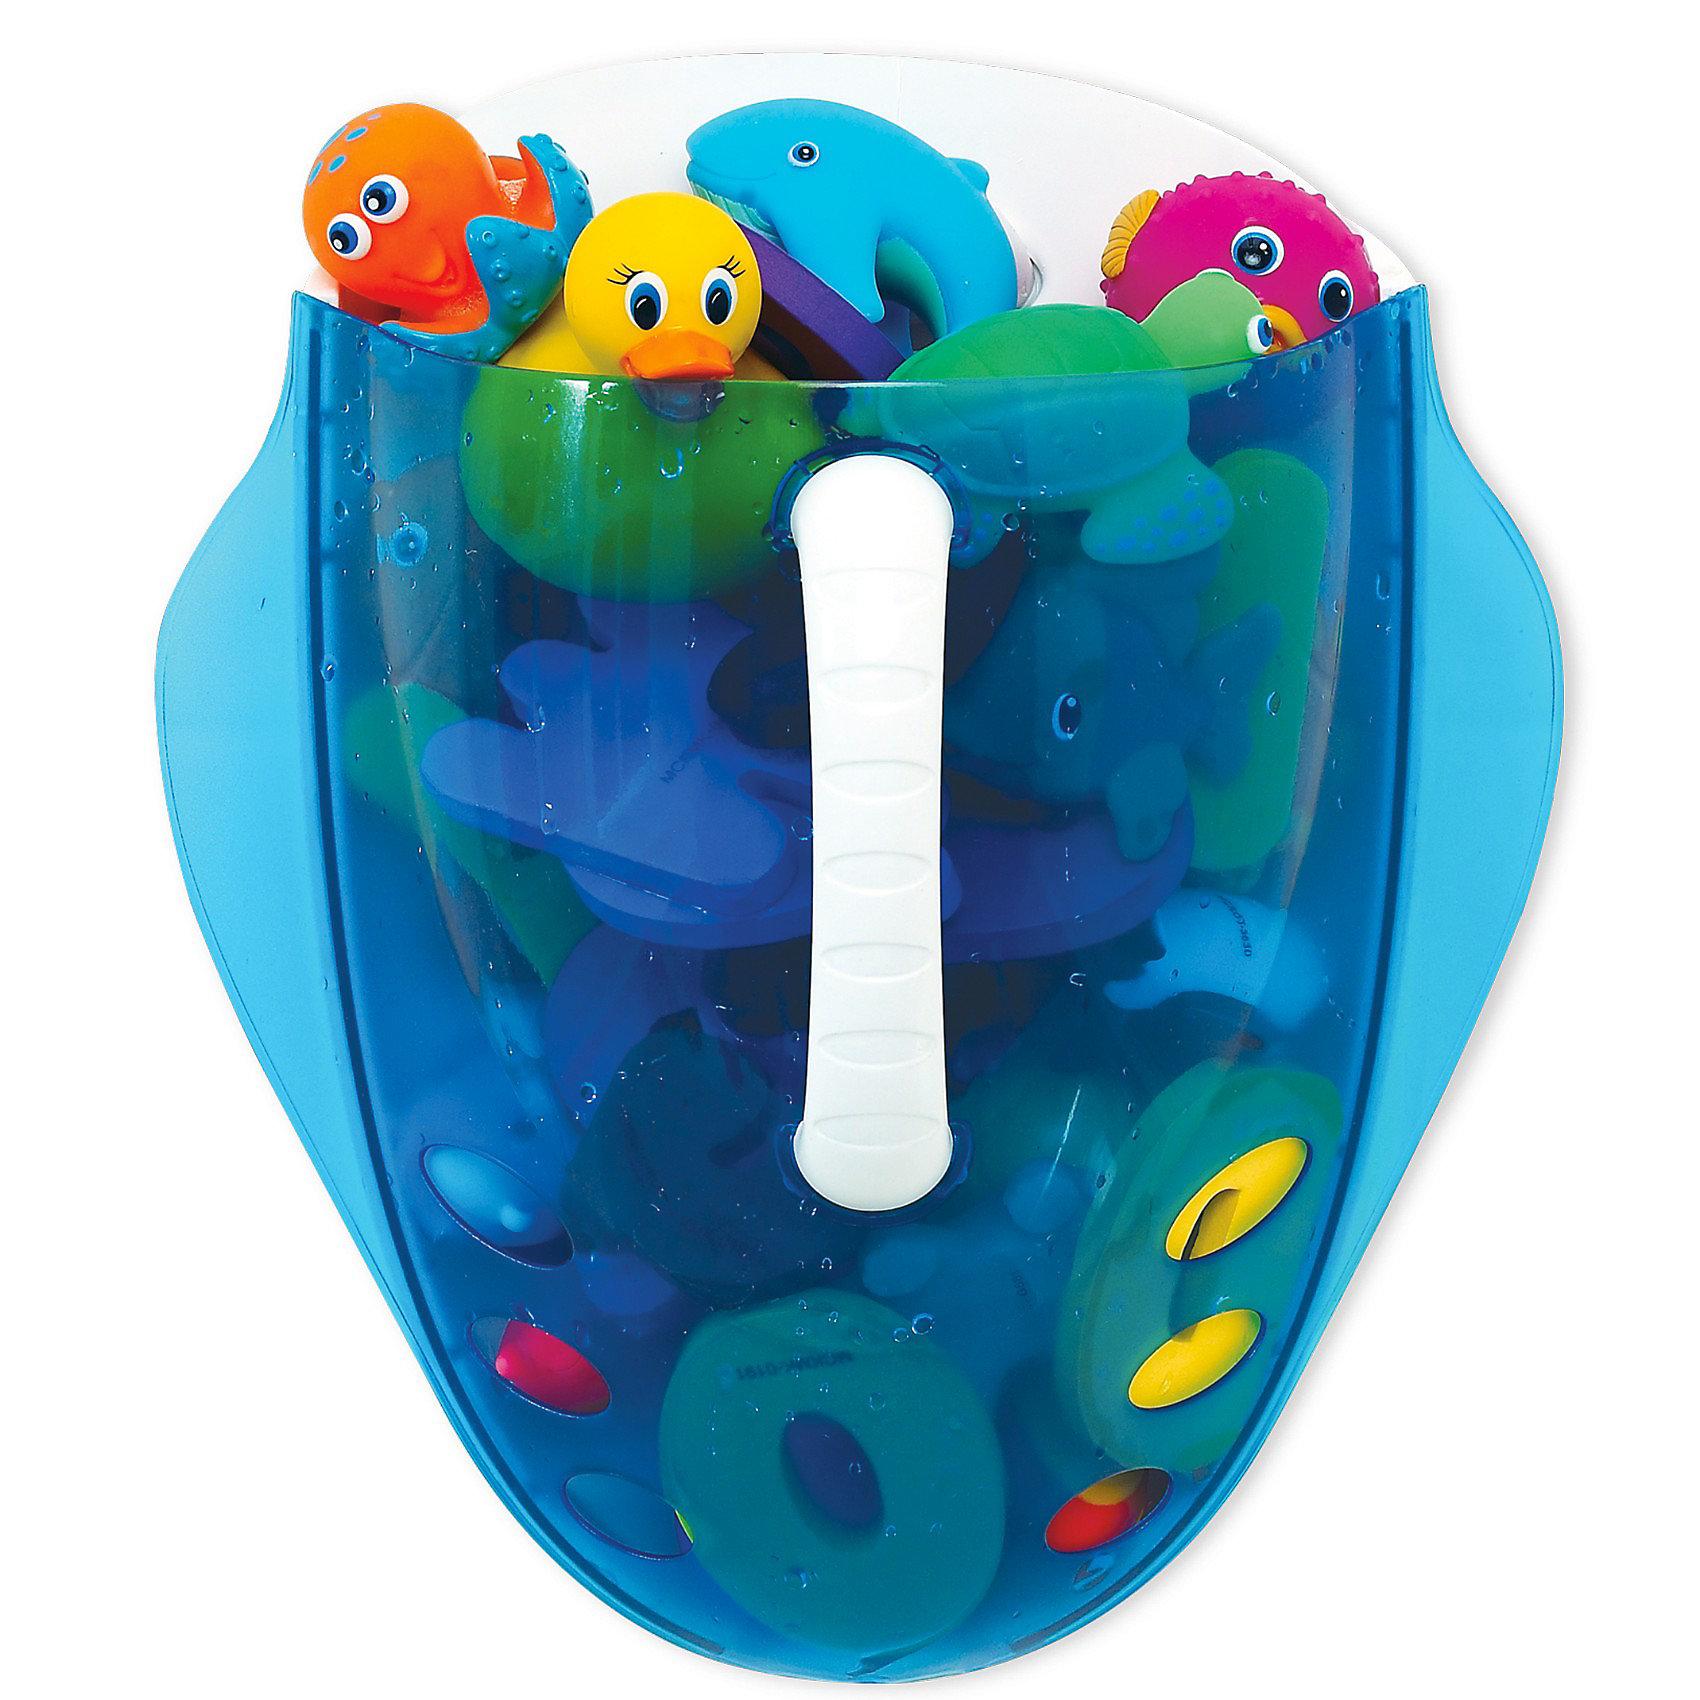 Ковшик для игрушек в ванной Munchkin, голубойПрочие аксессуары<br>Кувшин для сбора и хранения игрушек в ваннойMunchkin Scoop станет незаменимой вещью для всех любителей плескаться в пене с забавными игрушками!<br><br>Каждому родителю хочется, чтобы малыш купался с удовольствием, но при этом в ванной комнате поддерживался порядок. Если Вы не любите собирать мокрые игрушки, то Вам обязательно понравится кувшин Munchkin Scoop!<br><br>С помощью этого практичного кувшина Вы сможете быстро собрать игрушки для купания, просто зачерпнув их в воде, а благодаря прозрачному корпусу видно, какие игрушки находятся внутри. Через отверстия в нижней части кувшина вода быстро вытекает из него, а удобный крючок позволит легко подвесить кувшин в удобном для Вас месте и хранить в нем игрушки для следующего купания!<br><br>Дополнительная информация:<br><br>- быстрый и просто способ собирать игрушки из ванной<br>- тонированная прозрачная поверхность позволяет видеть игрушки<br>- отверстия в нижней части обеспечивают слив воды<br>- имеется крючок для подвешивания <br>- игрушки в комплект не входят<br>- Размер ковшика: 27 см х 31 см х 16 см.<br>- Размер упаковки: 29 см х 32,5 см х 16,5 см.<br><br>Кредо Munchkin, американской компании с 20-летней историей, - избавить мир от надоевших и прозаических товаров, искать умные инновационные решения, которые превращают обыденные задачи в опыт, приносящий удовольствие. Понимая, что наибольшее значение в быту имеют именно мелочи, компания создает уникальные товары, которые помогают поддерживать порядок, организовывать пространство, облегчают уход за детьми. Недаром компания имеет уже более 140 патентов и изобретений, используемых в создании ее неповторимой и оригинальной продукции. Munchkin делает жизнь родителей легче!<br><br>Ширина мм: 360<br>Глубина мм: 320<br>Высота мм: 180<br>Вес г: 600<br>Возраст от месяцев: 0<br>Возраст до месяцев: 48<br>Пол: Унисекс<br>Возраст: Детский<br>SKU: 3174948